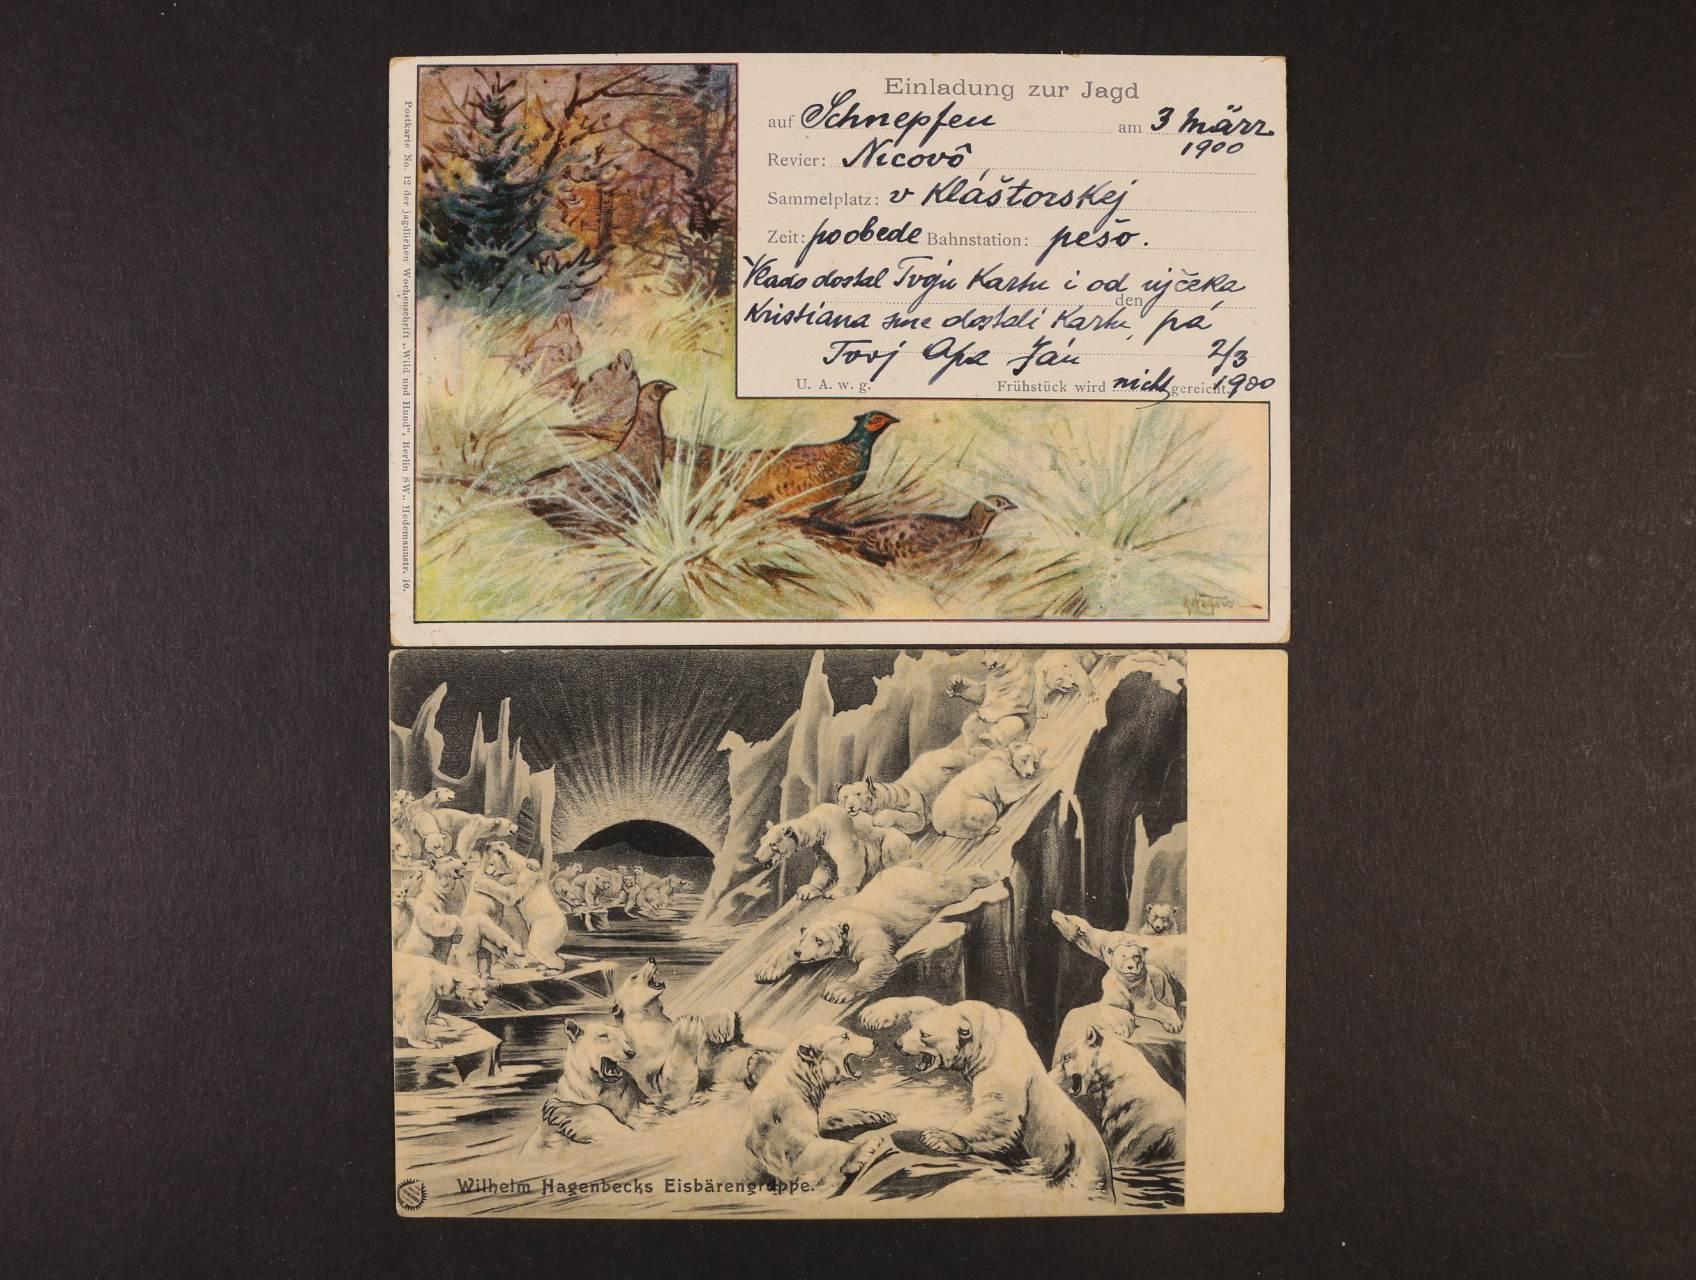 Fauna - jednobar. reklamní pohlednice nepoužitá Eisbärengruppe a bar. pohlednice Einladung zur Jagd použitá 1900, velmi dobrá kvalita